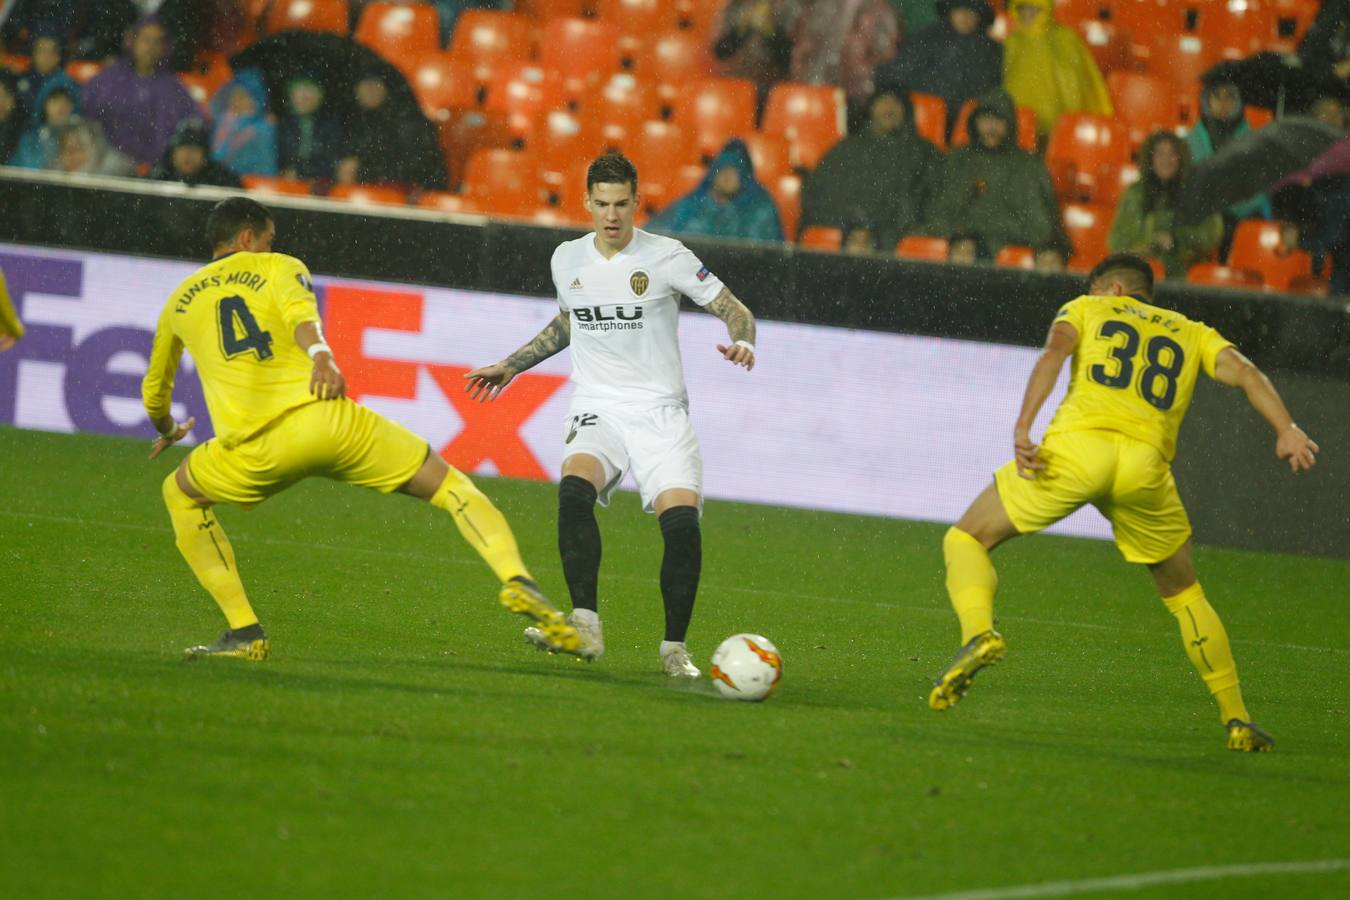 Valencia CF - Villarreal en la vuelta de los cuartos de final de la Europa League